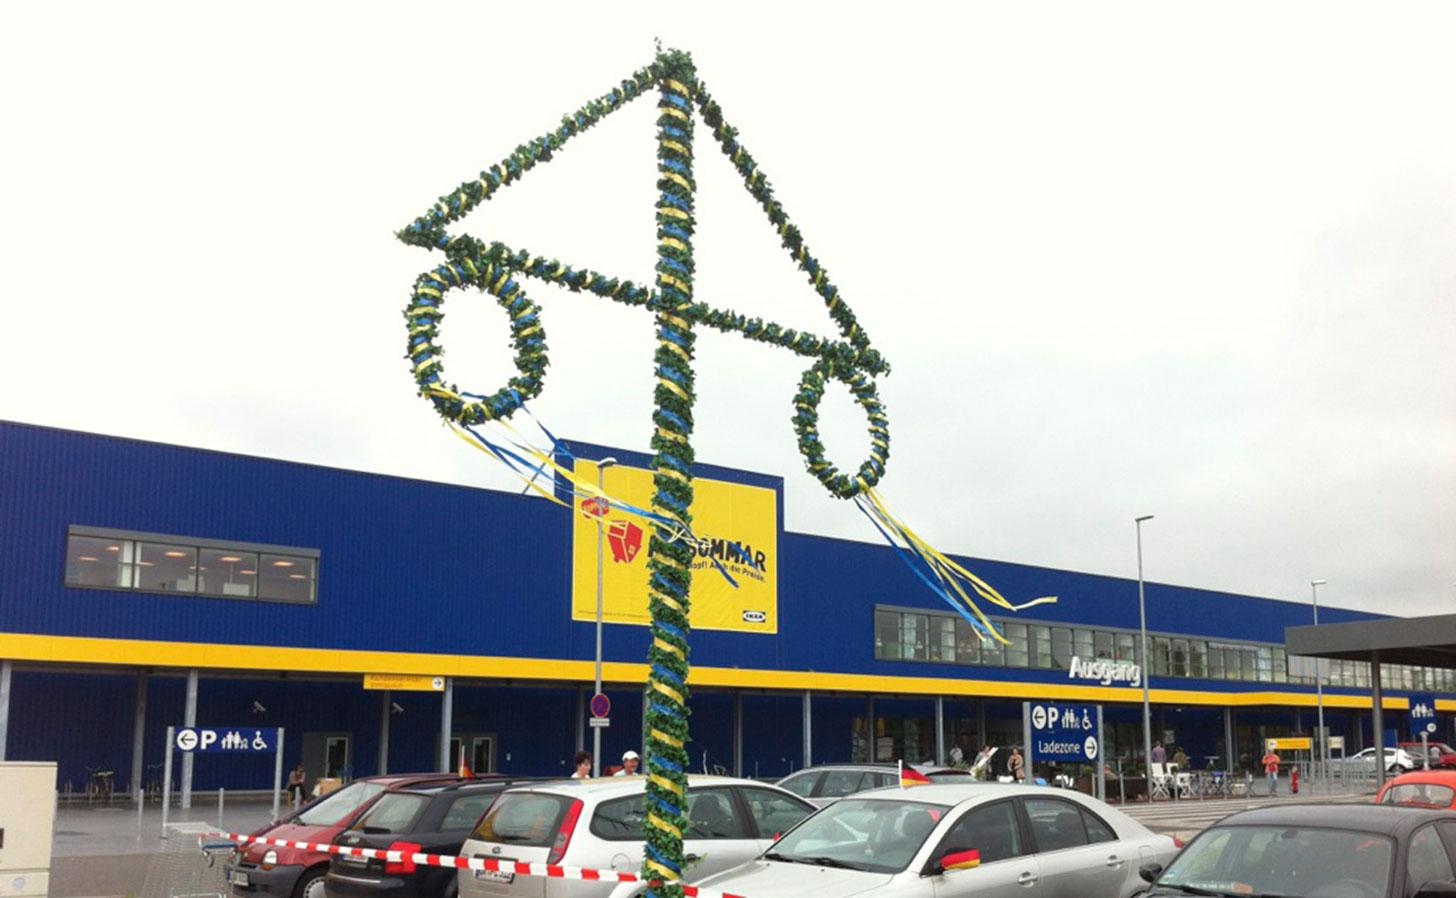 Ett Ikea-varuhus. Foto: Media.nu